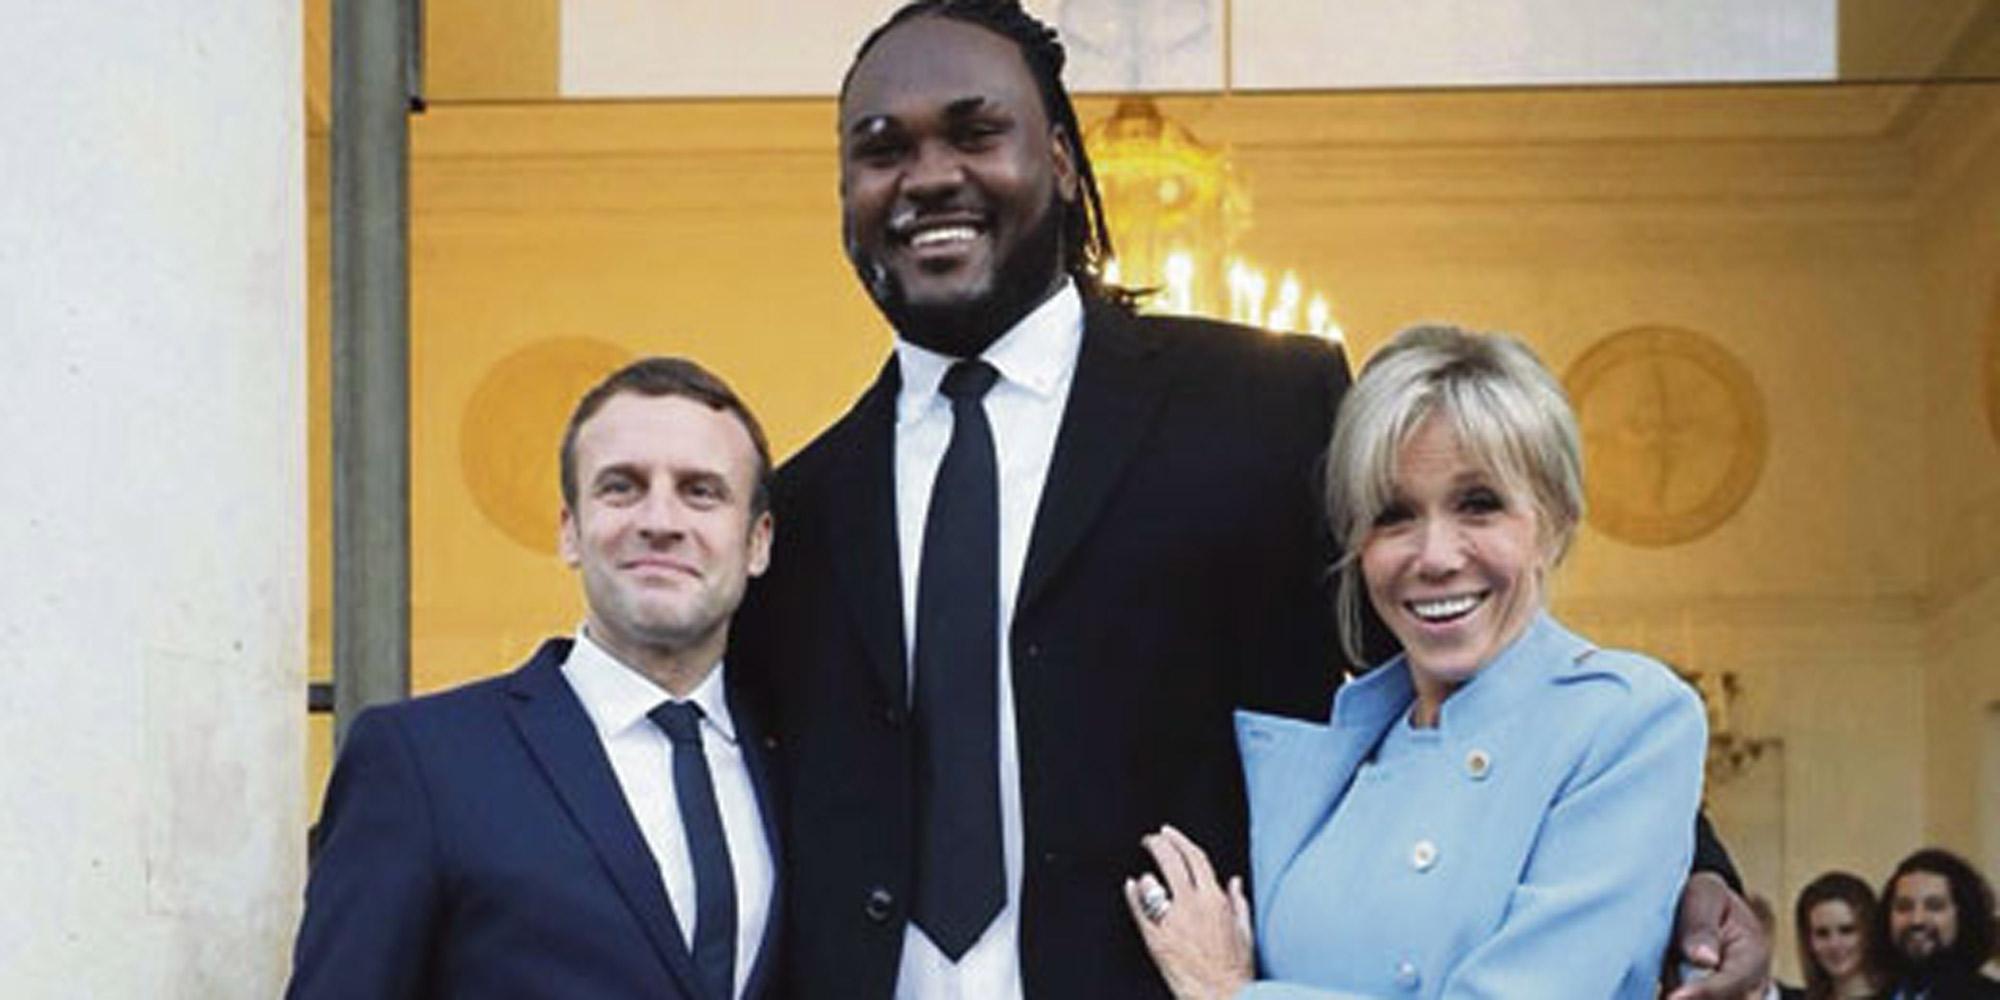 Makao 2 13 M 140 Kg L Ex Garde Du Corps D Emmanuel Macron Se Confie